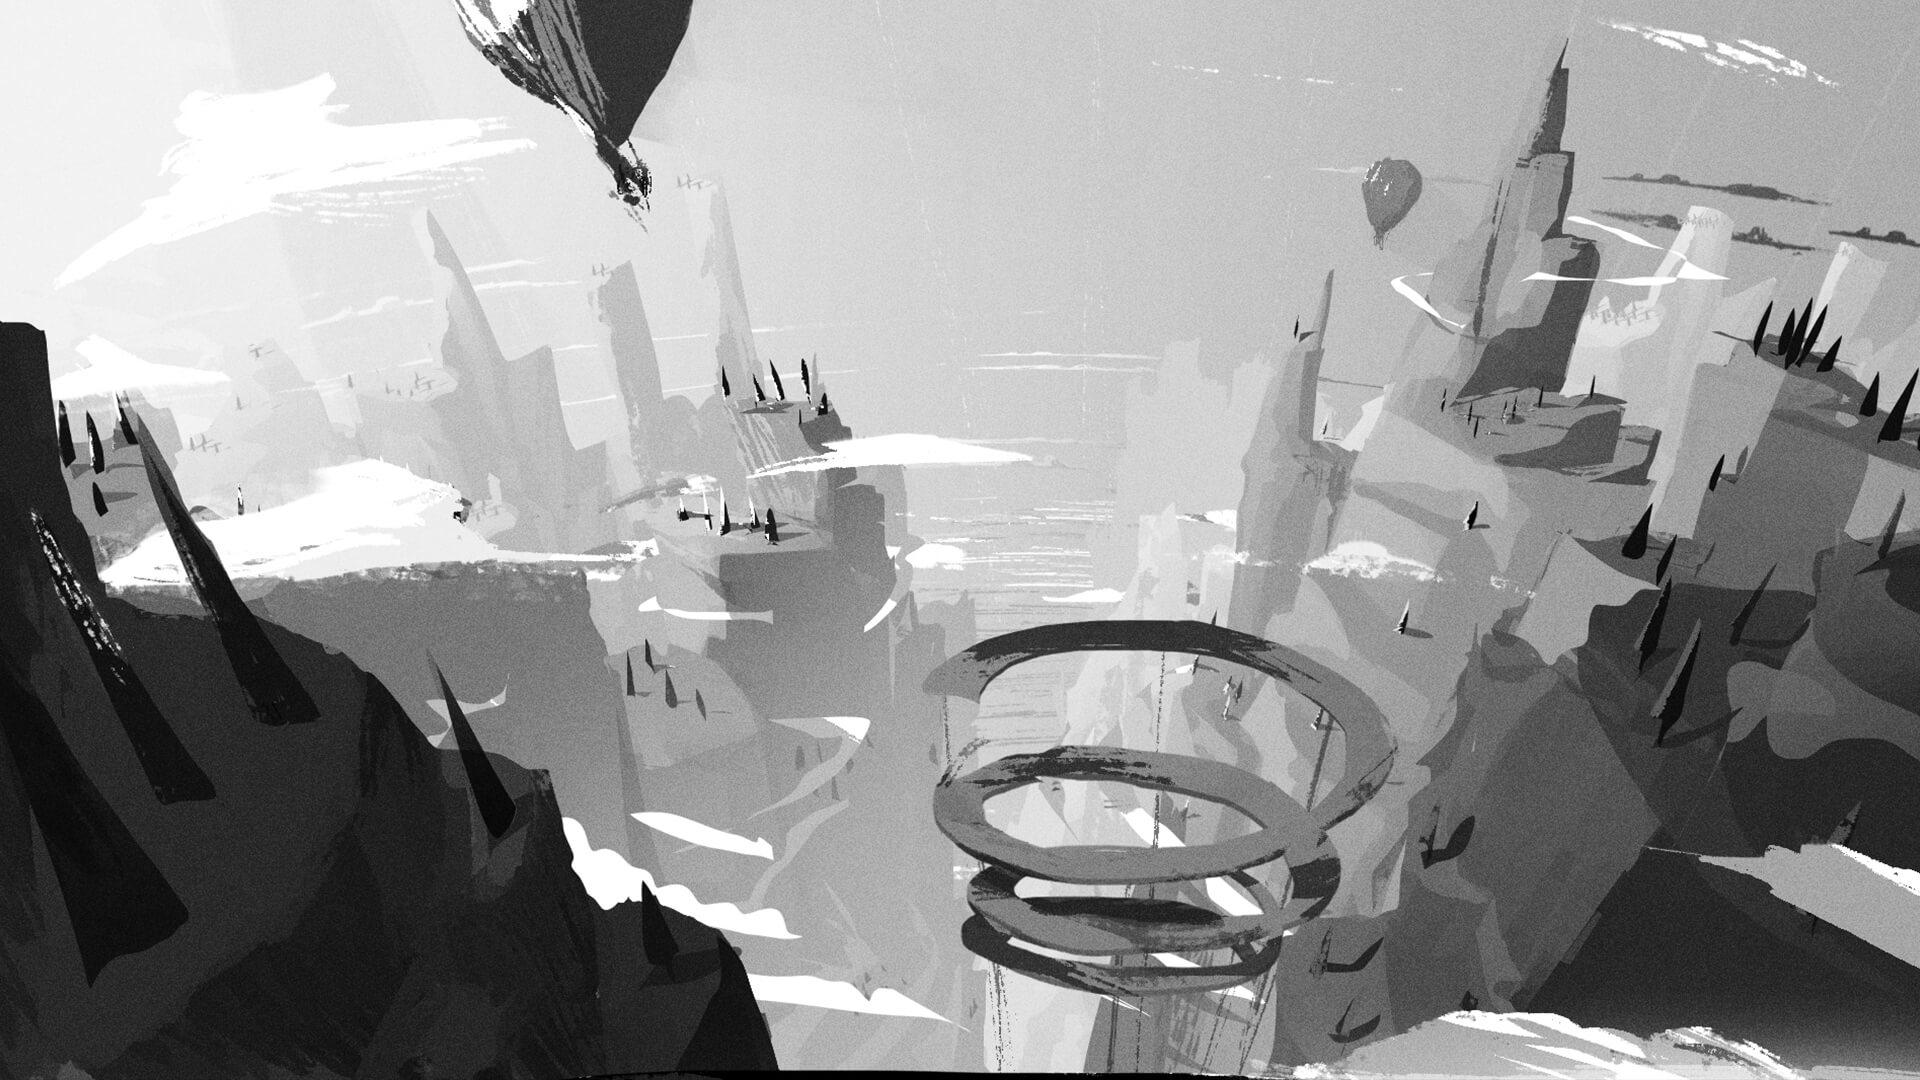 roofstudio_honda-dreamer_process-10